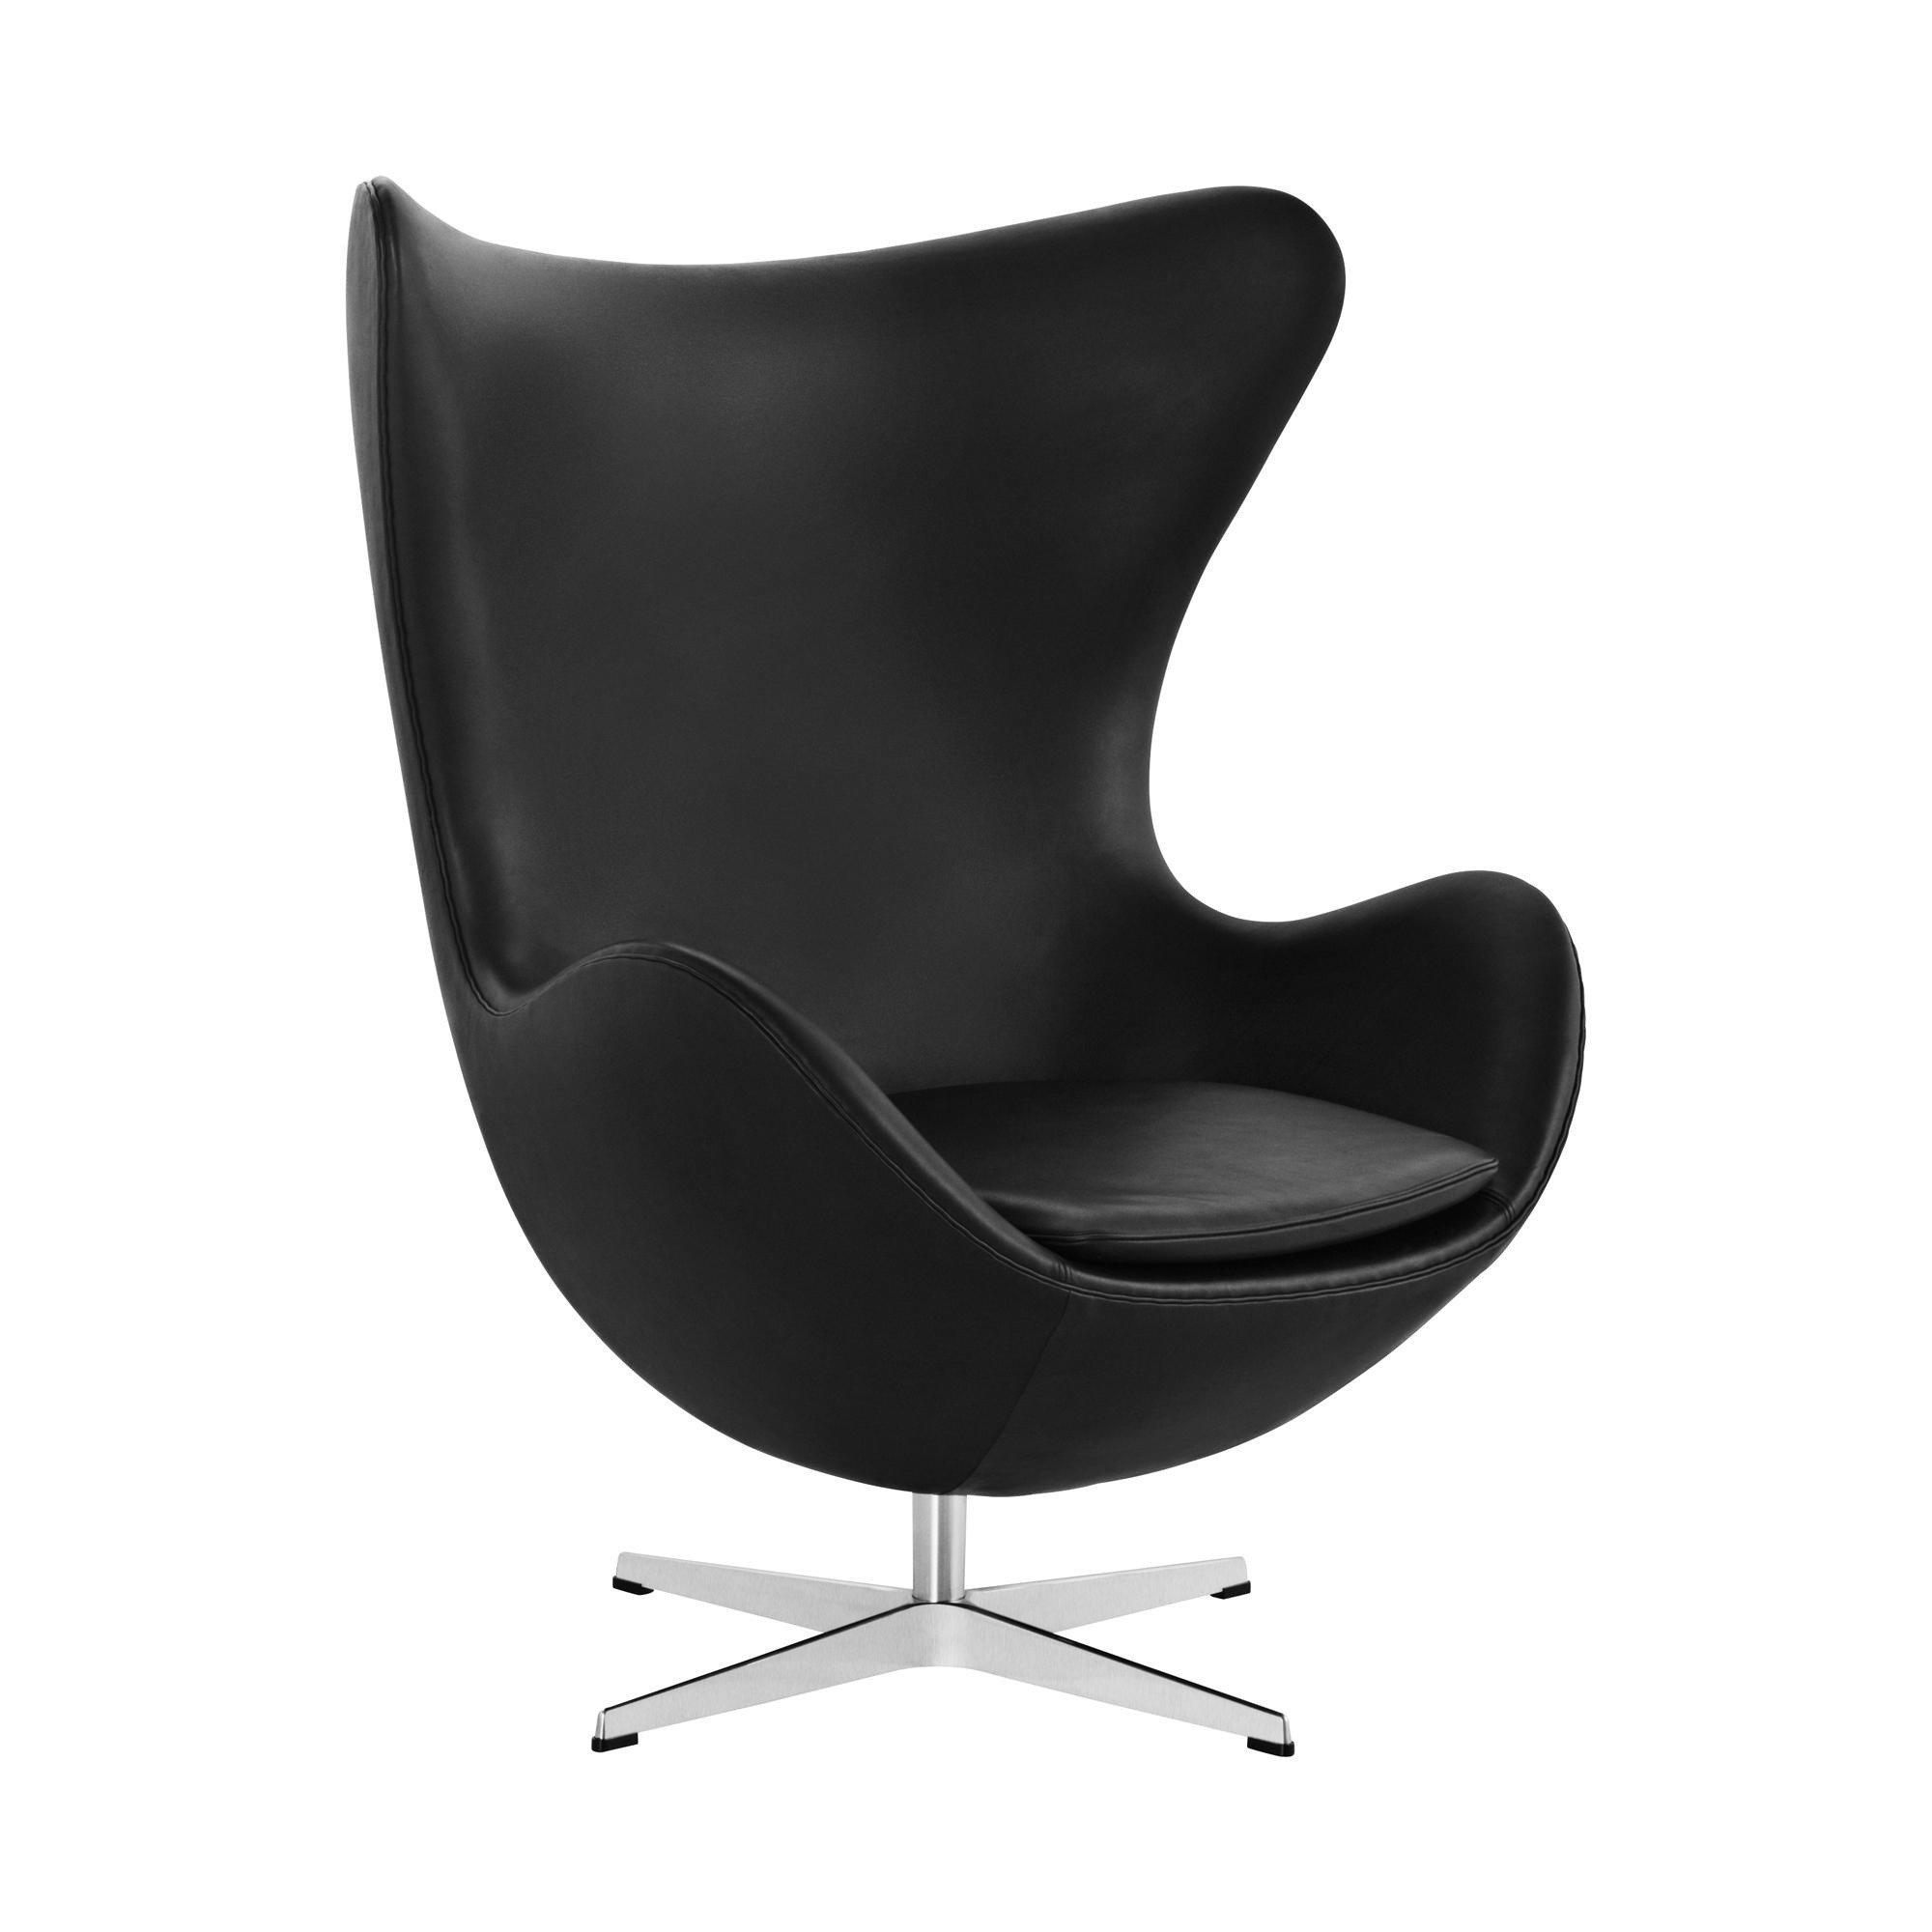 Egg Chair/El Huevo - Sillón cuero | Fritz Hansen | AmbienteDirect.com